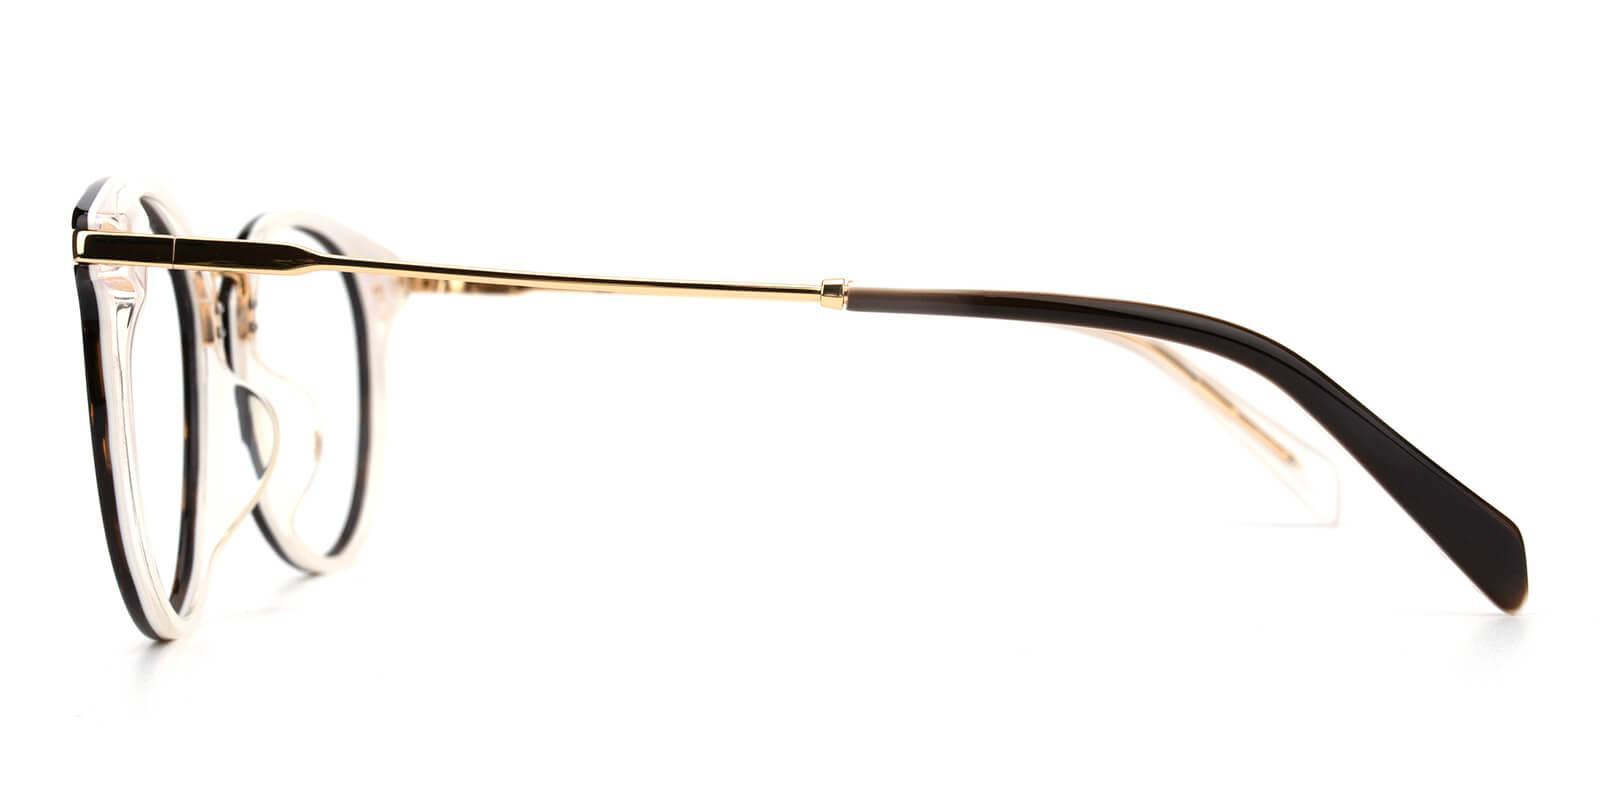 Valkder-Brown-Round-Metal-Eyeglasses-additional3